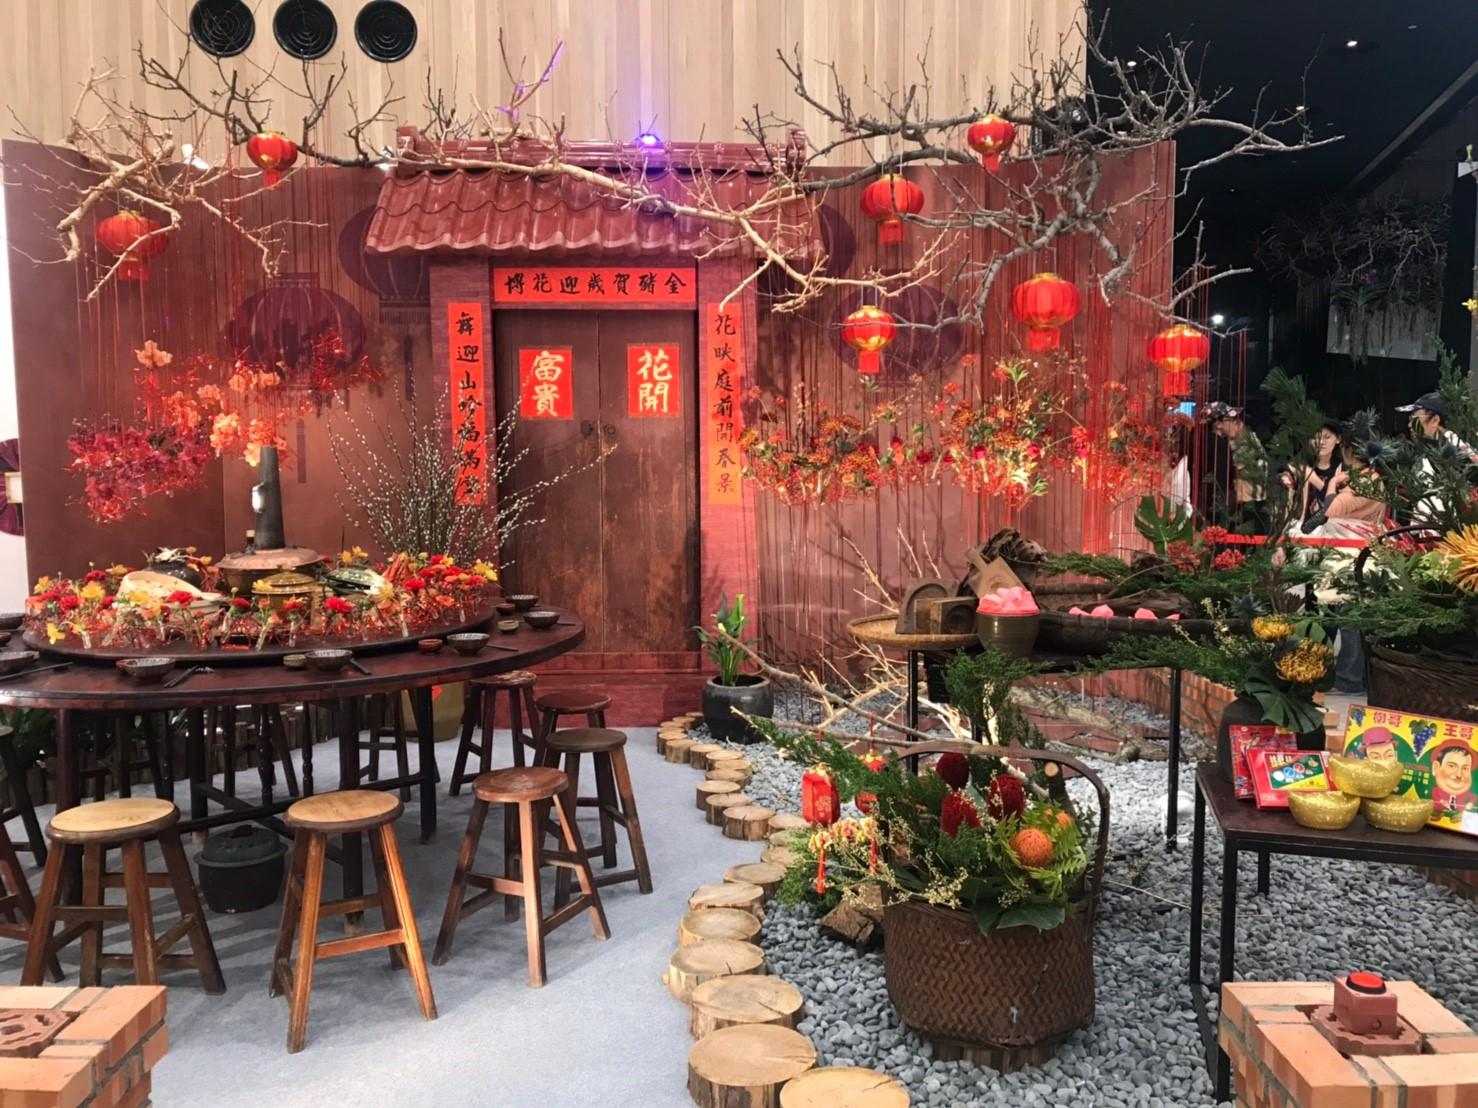 花博年節花卉設計展 即日起至2/17花舞館展出